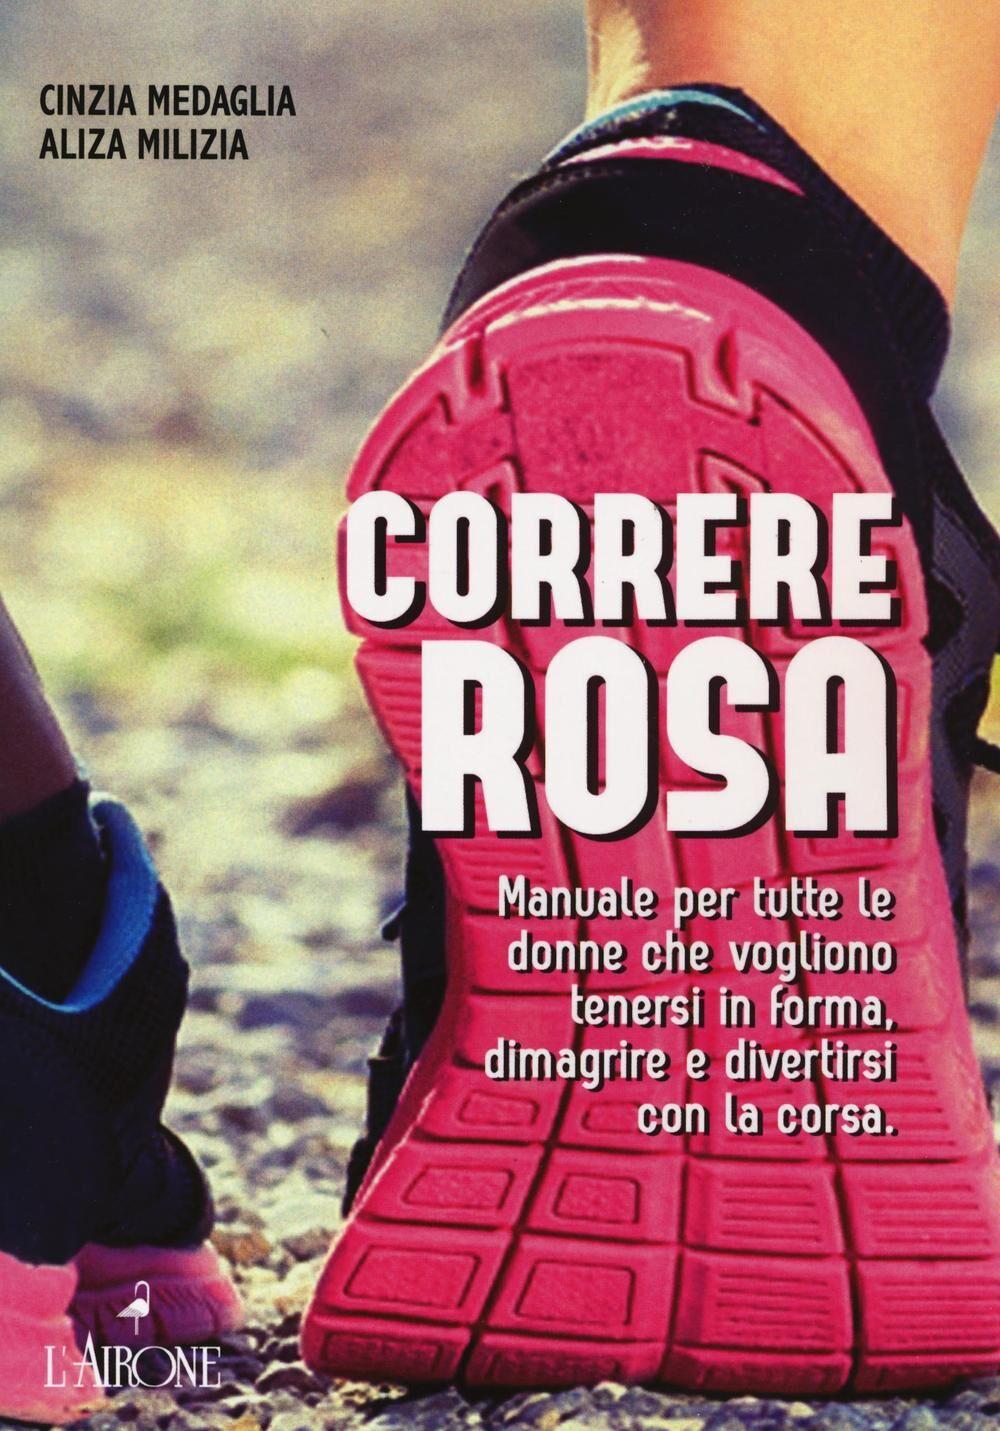 Correre rosa. Manuale per tutte le donne che vogliono tenersi in forma, dimagrire e divertirsi con la corsa